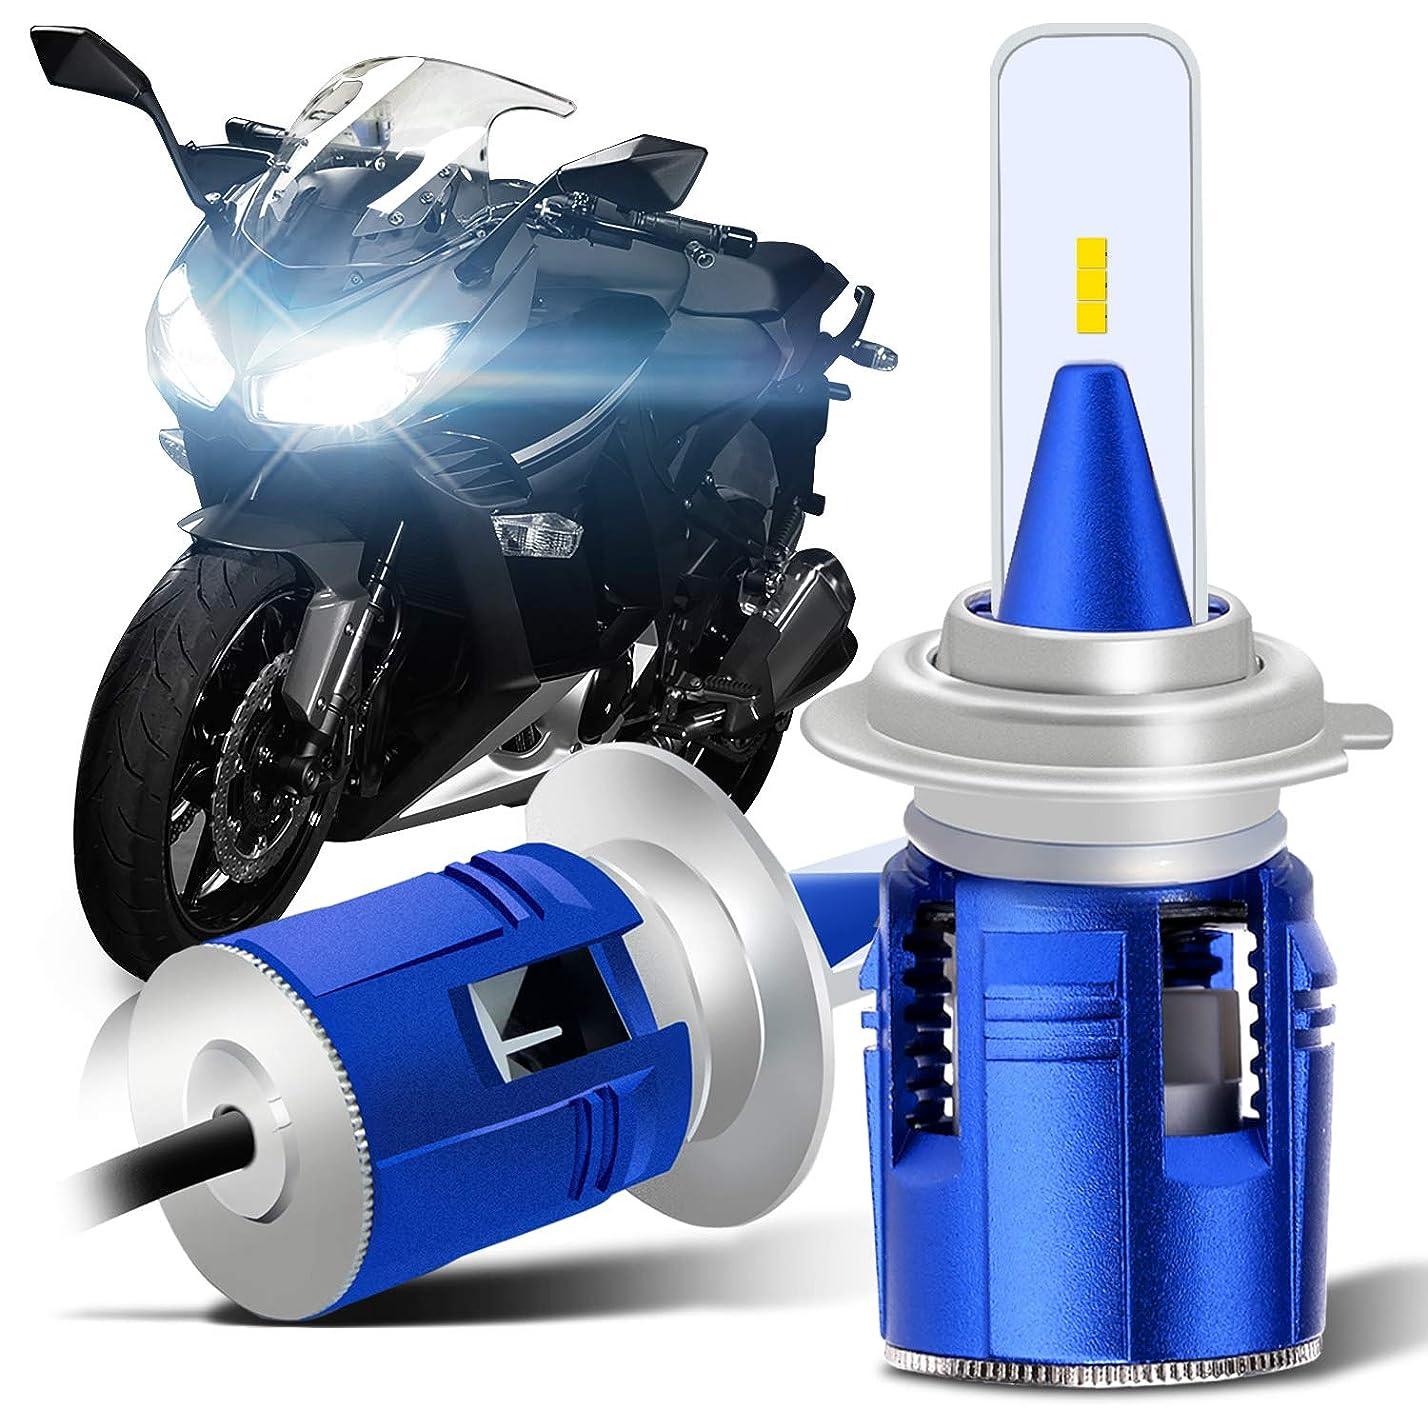 尾オアシスレプリカWinPower バイク用 LEDヘッドライト H4 H6 PH7 PH8 HONDA 交換用LEDバルブ 高輝度CREEチップ搭載 Hi/Lo 切替式 6000K 4000lm 直流用 ホワイトビーム 冷却ファン内臓 5個口金付き 2年保証